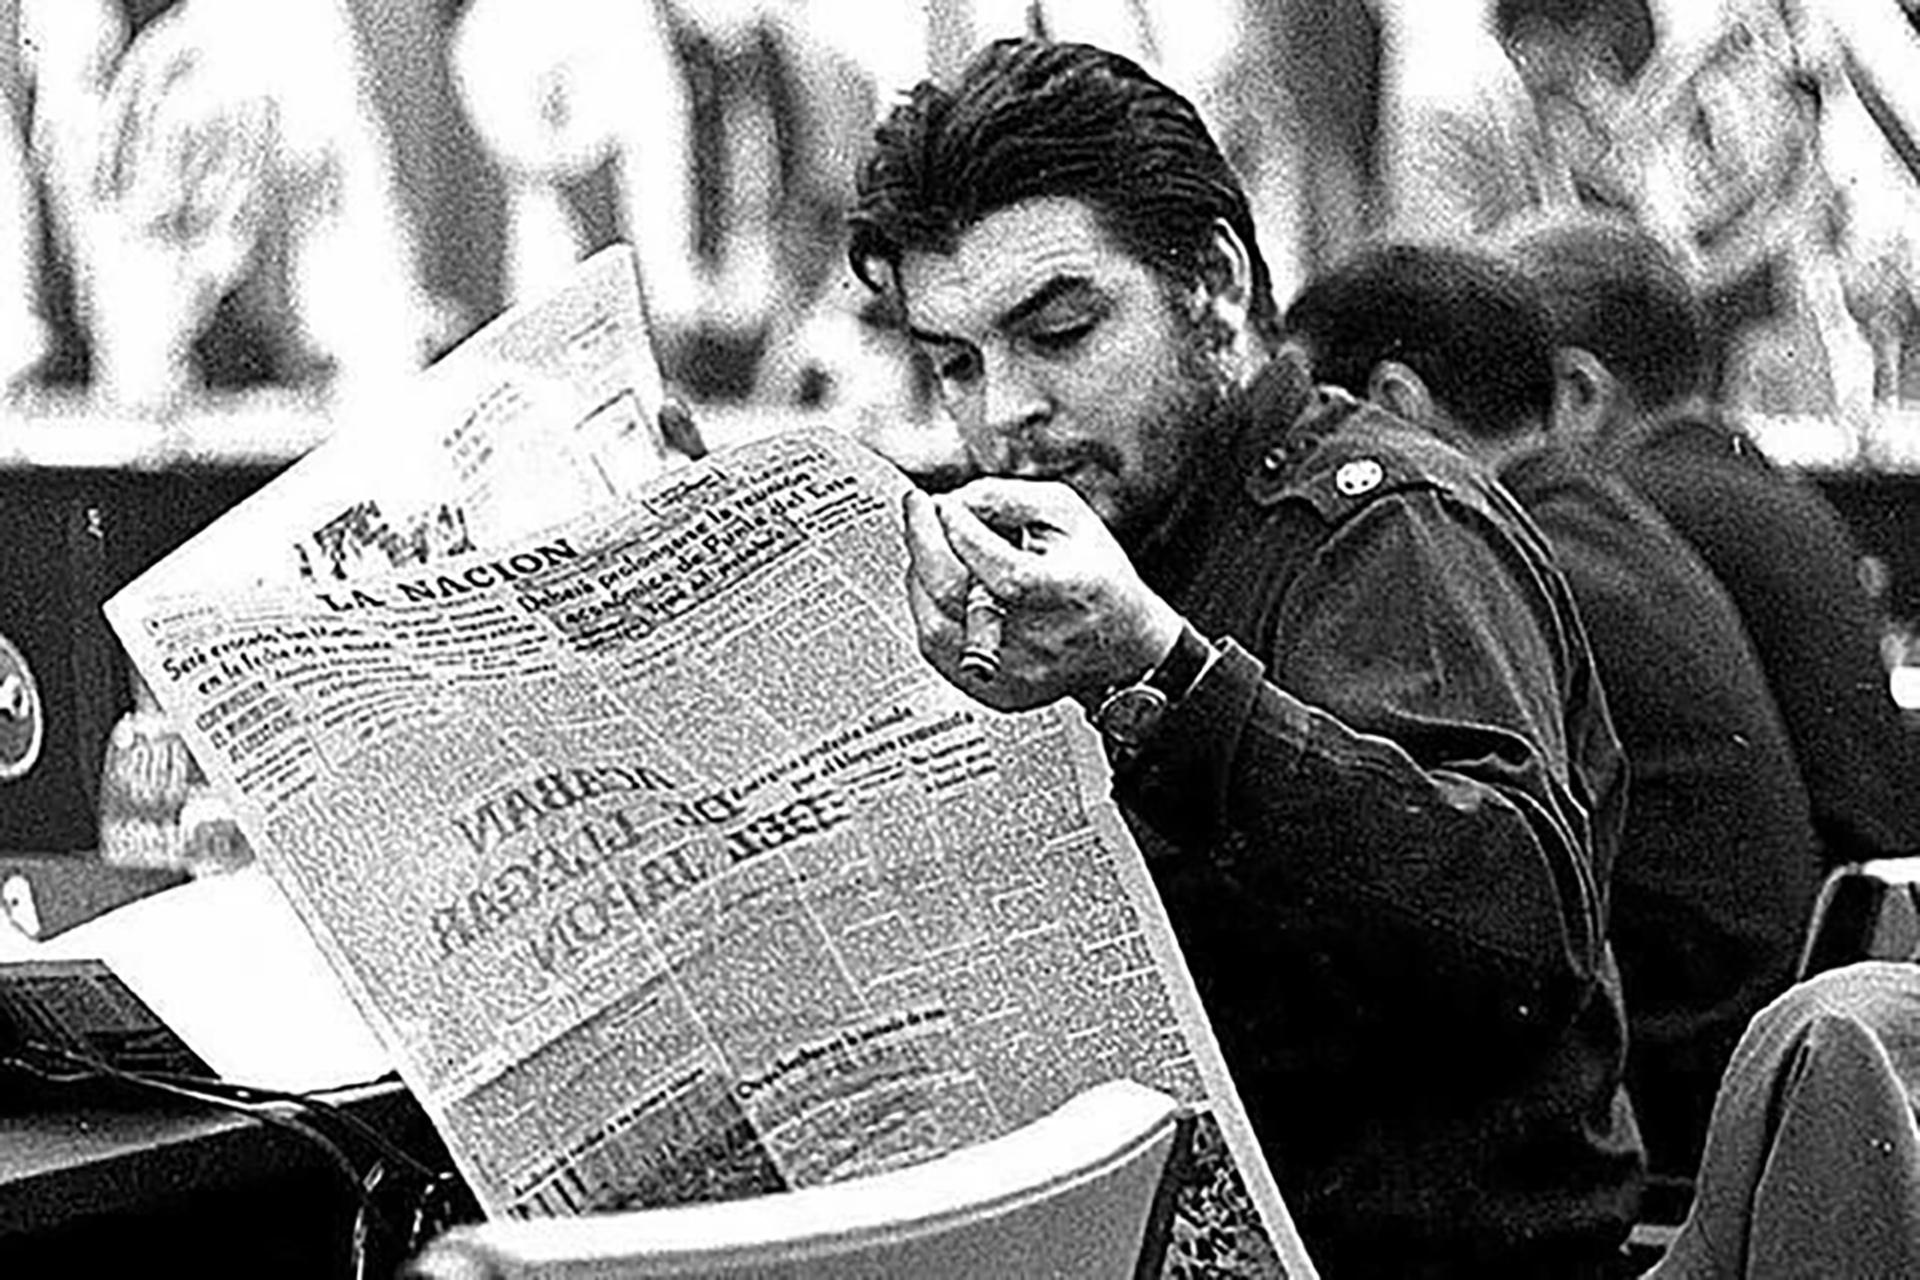 Los entretelones de la reunión reservada entre el Che Guevara y Arturo  Frondizi, que irritó a los militares y facilitó el golpe - Infobae